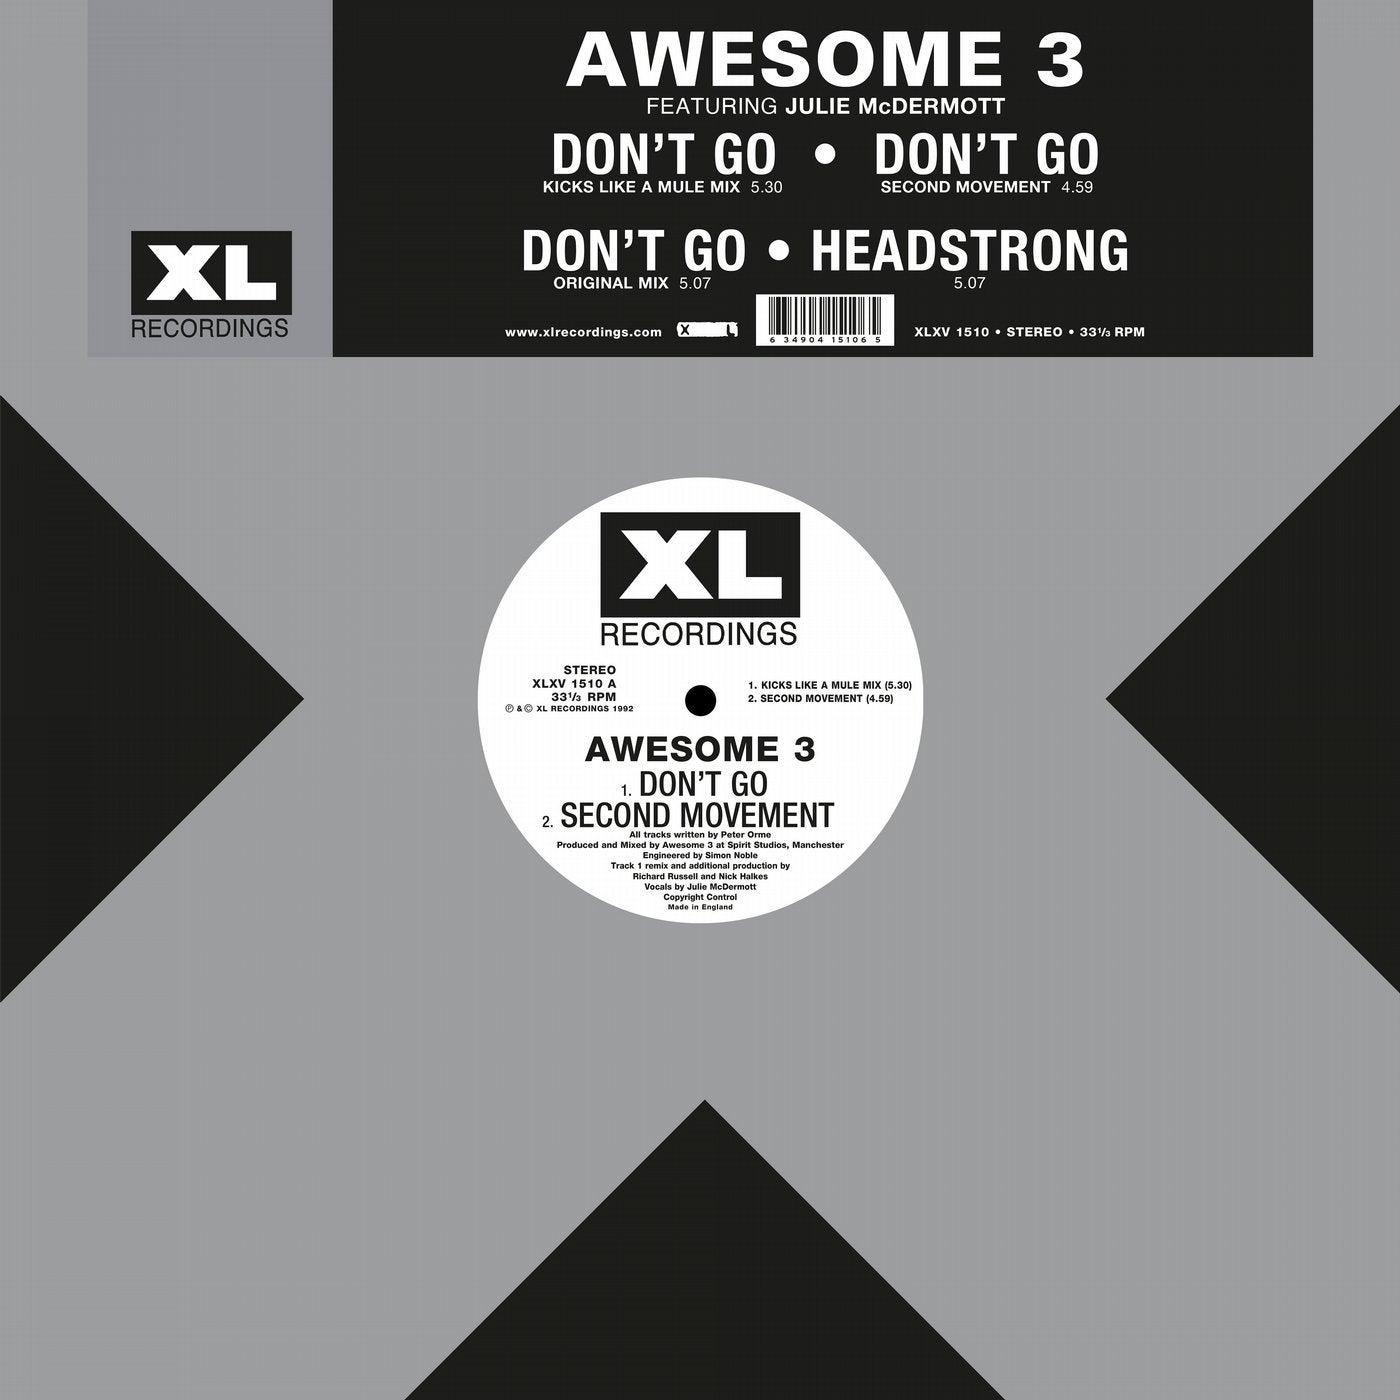 Don't Go (Original Mix)